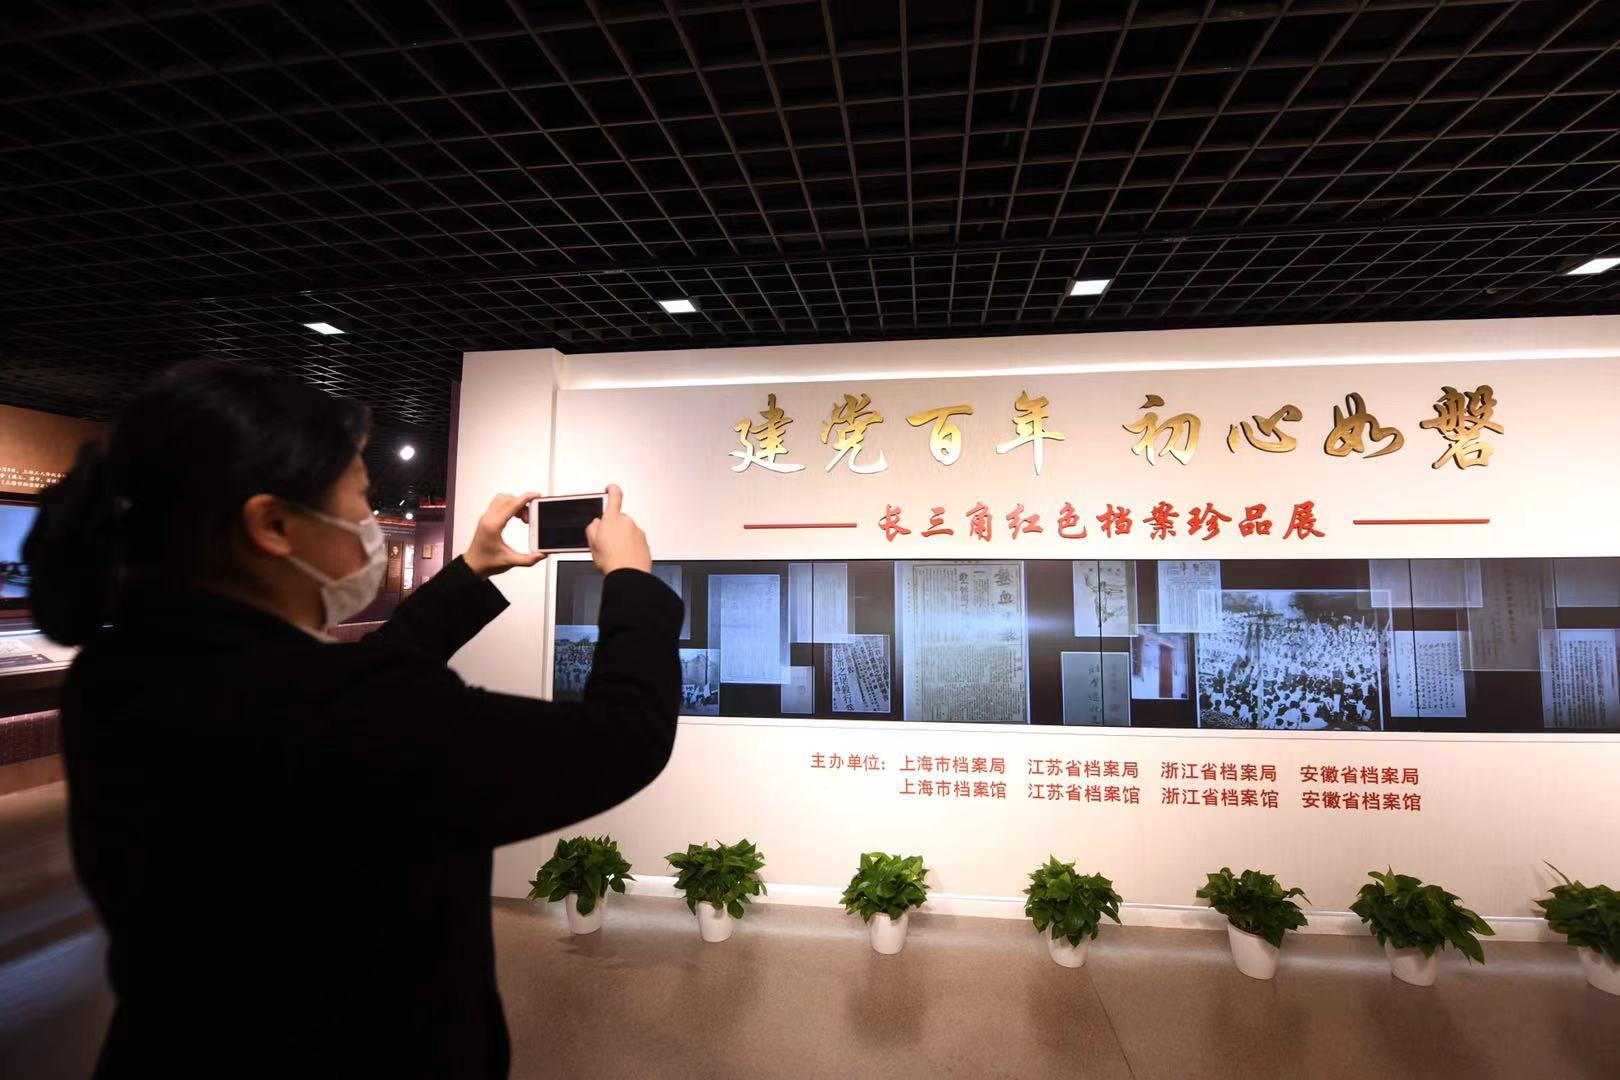 半数以上档案文献首次在沪公开展示!近500件长三角红色档案珍品亮相